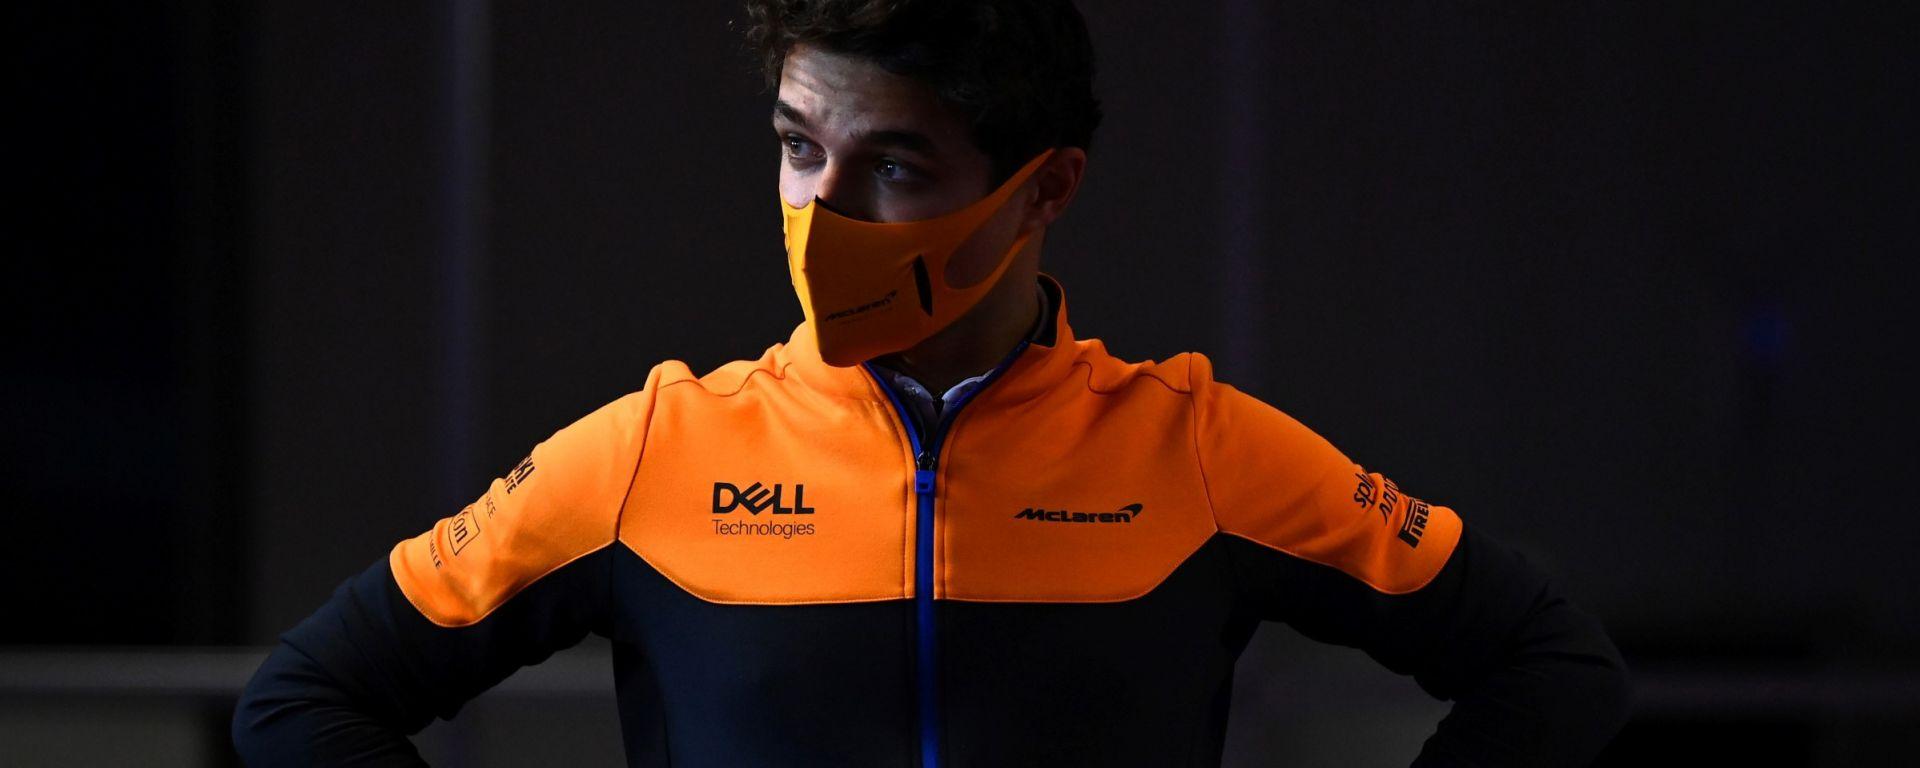 F1, GP Portogallo 2021: Lando Norris (McLaren)